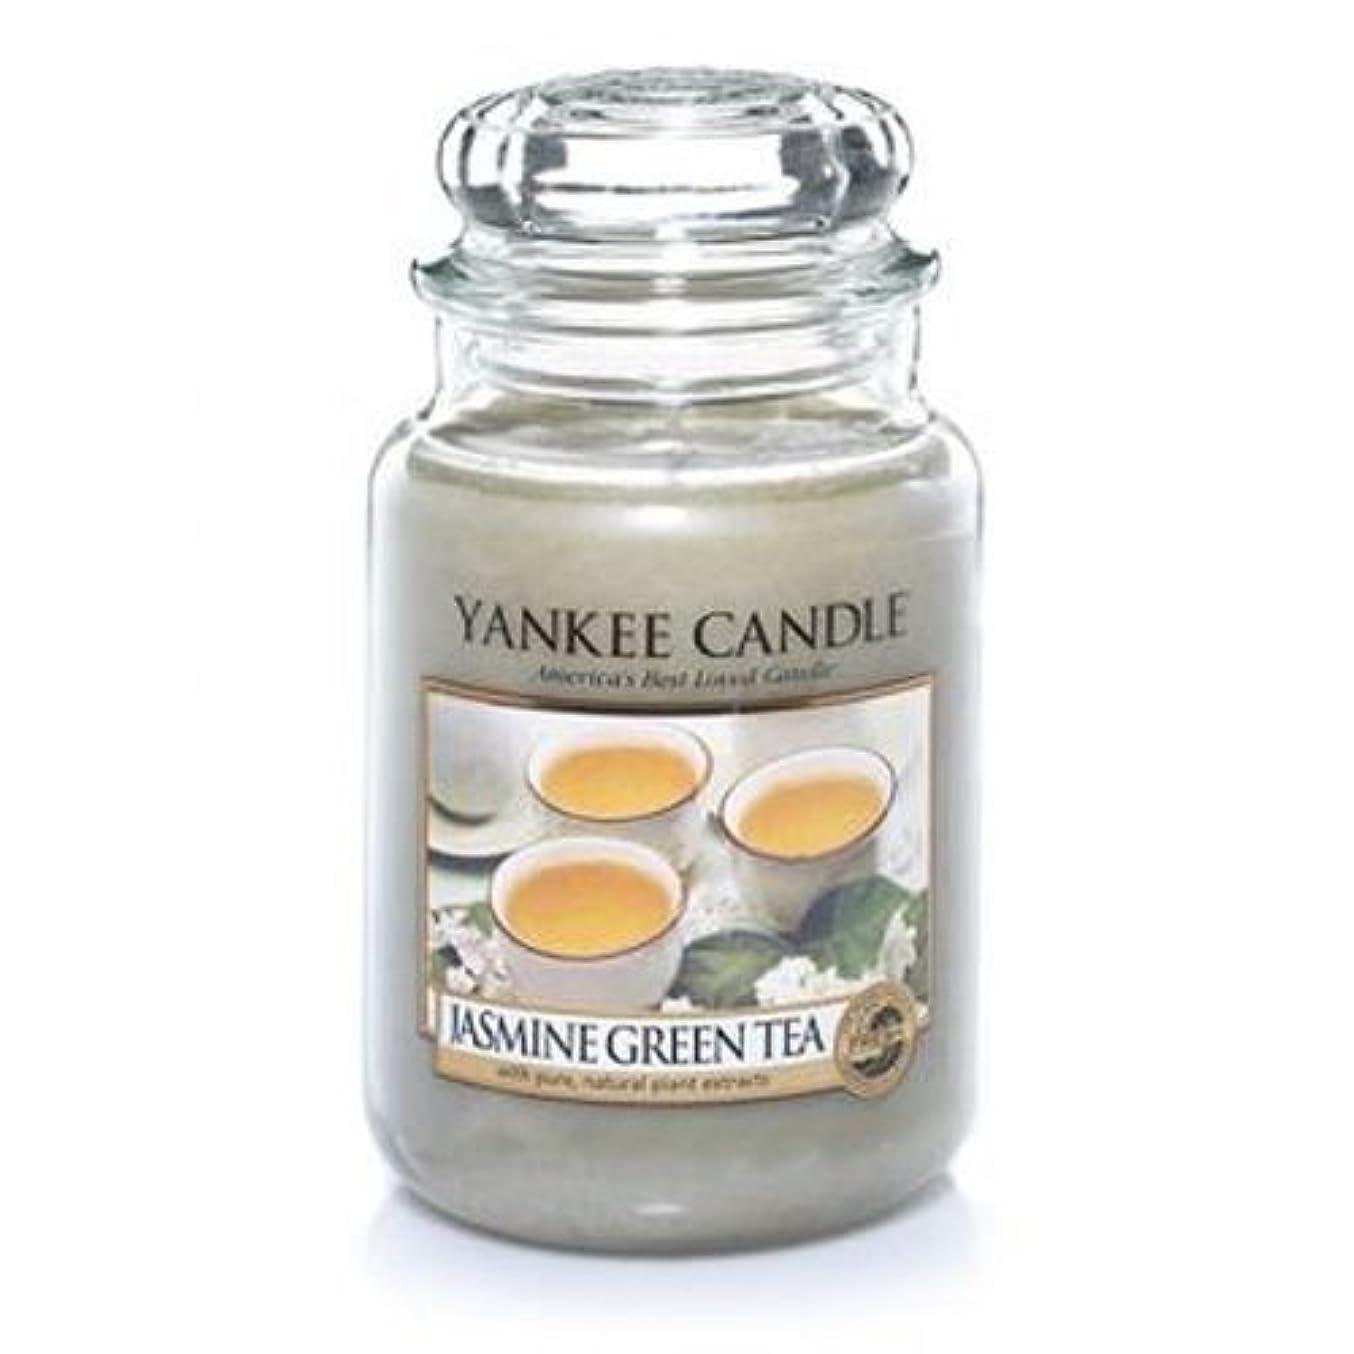 慢性的ミント発表YankeeキャンドルジャスミングリーンティーLarge Jar Candle、新鮮な香り